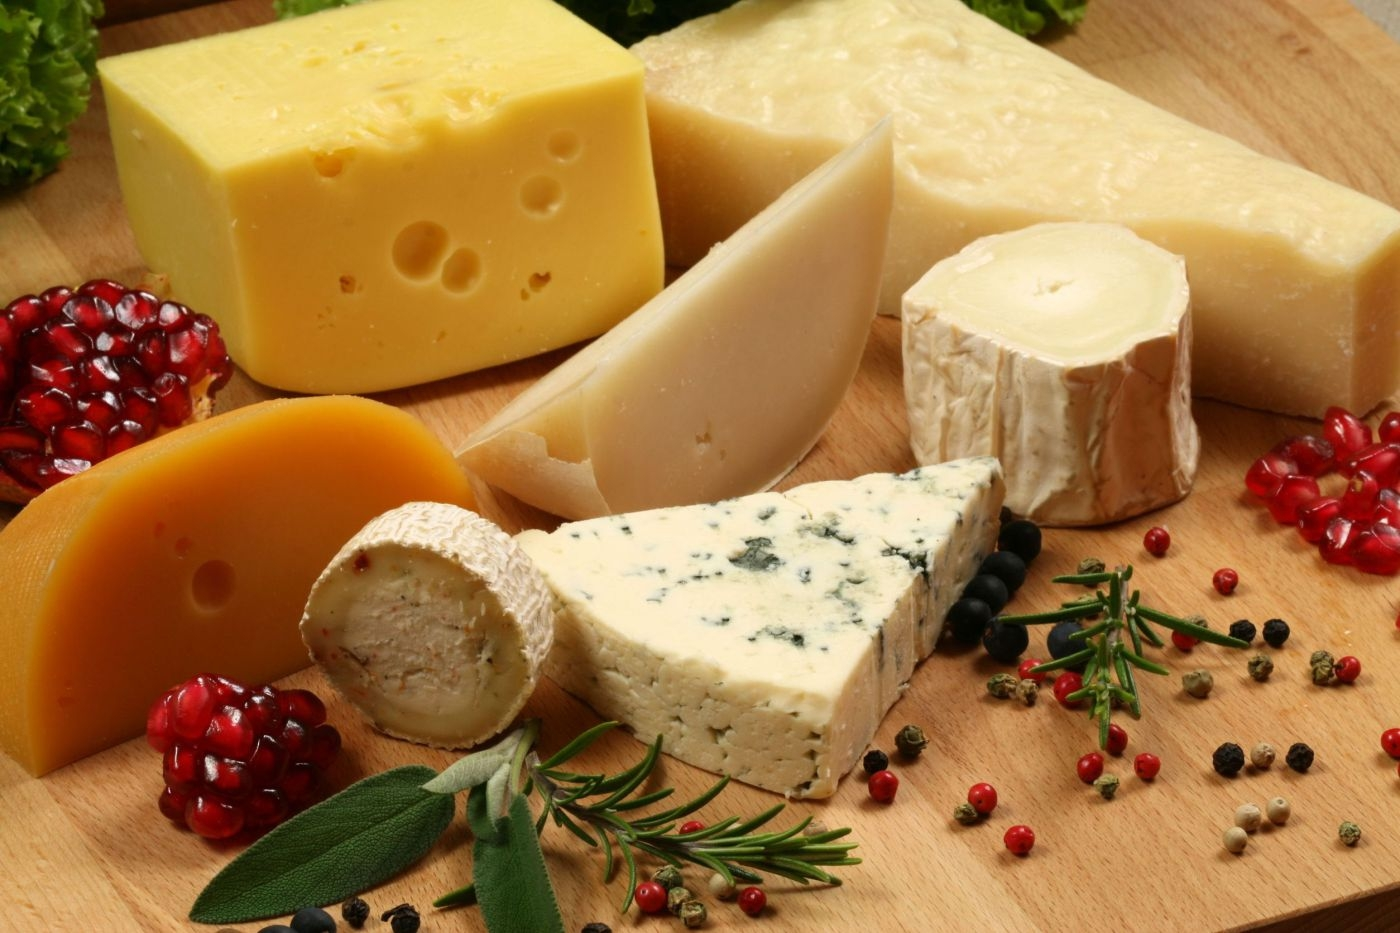 Сыр при грудном вскармливании новорожденного: можно ли есть кормящей маме